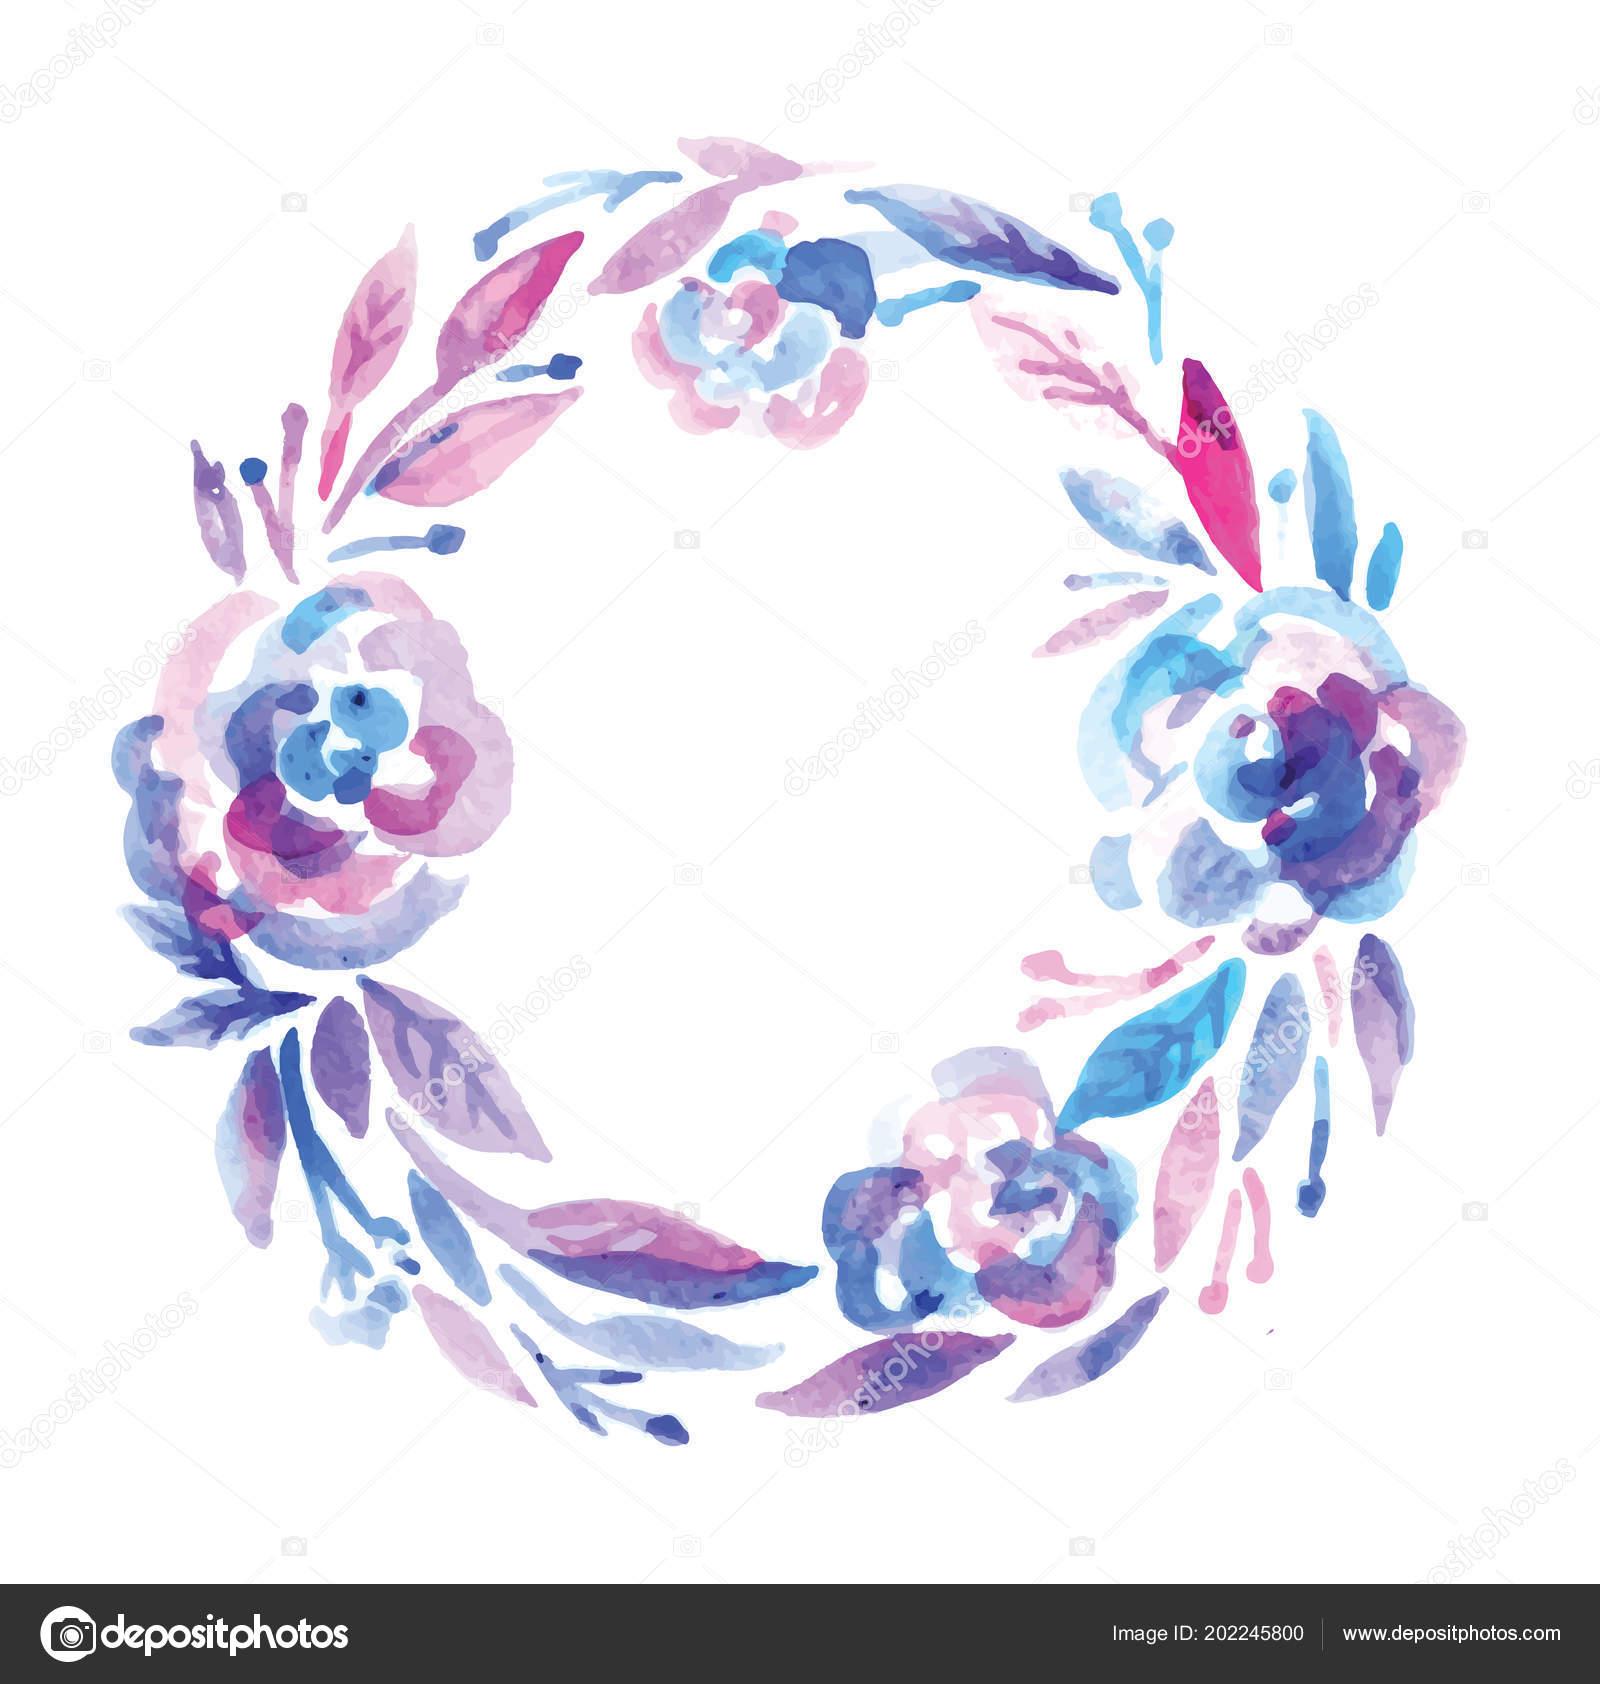 Sulu Boya Renk Splash çiçek şablonu çekilmiş Poster Merhaba Stok